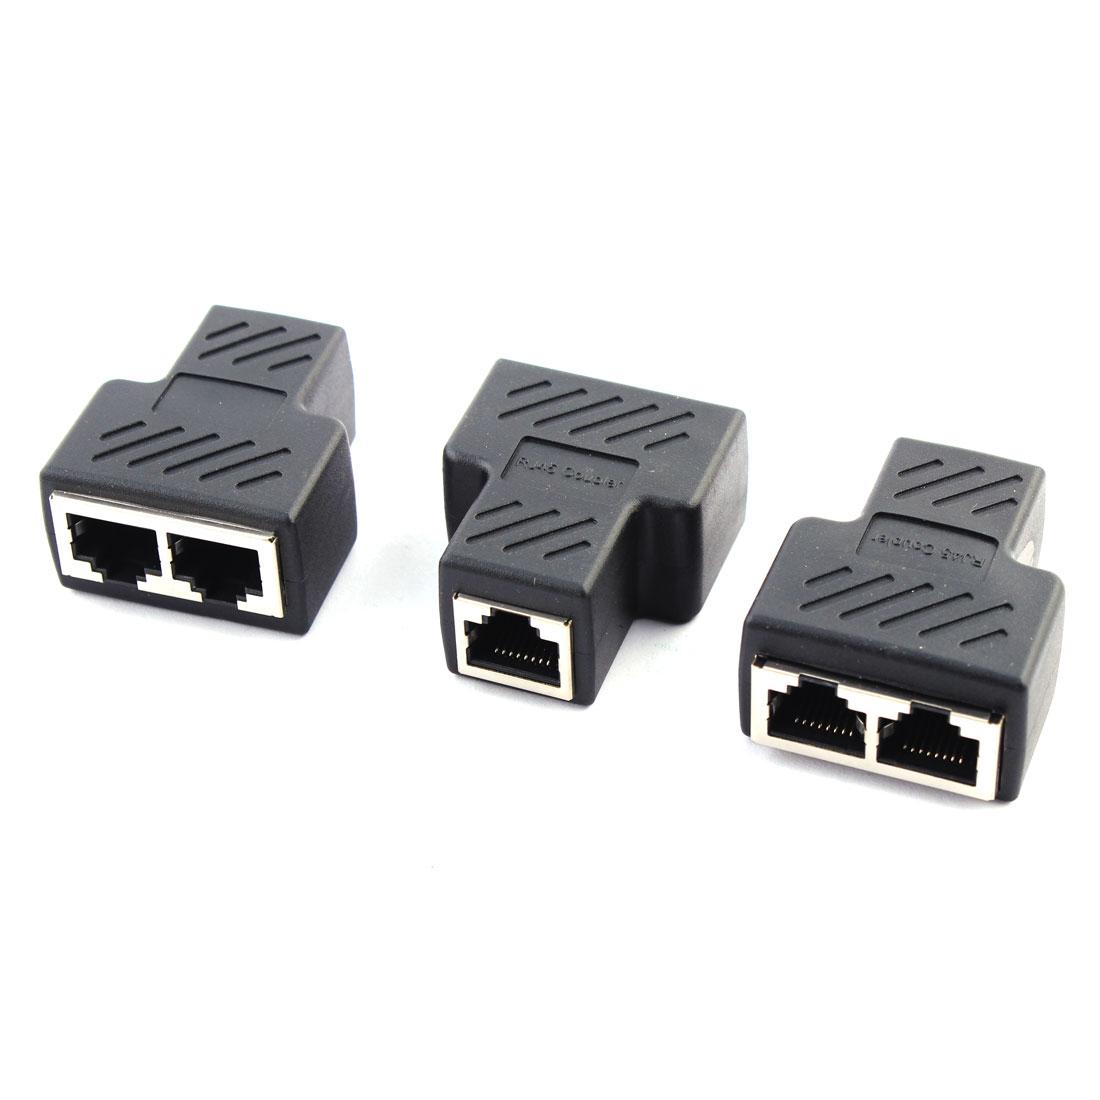 Unique BargainsRJ45 1 to 2 Port Female to Female Network Ethernet LAN Splitter Adapter 3 PCS